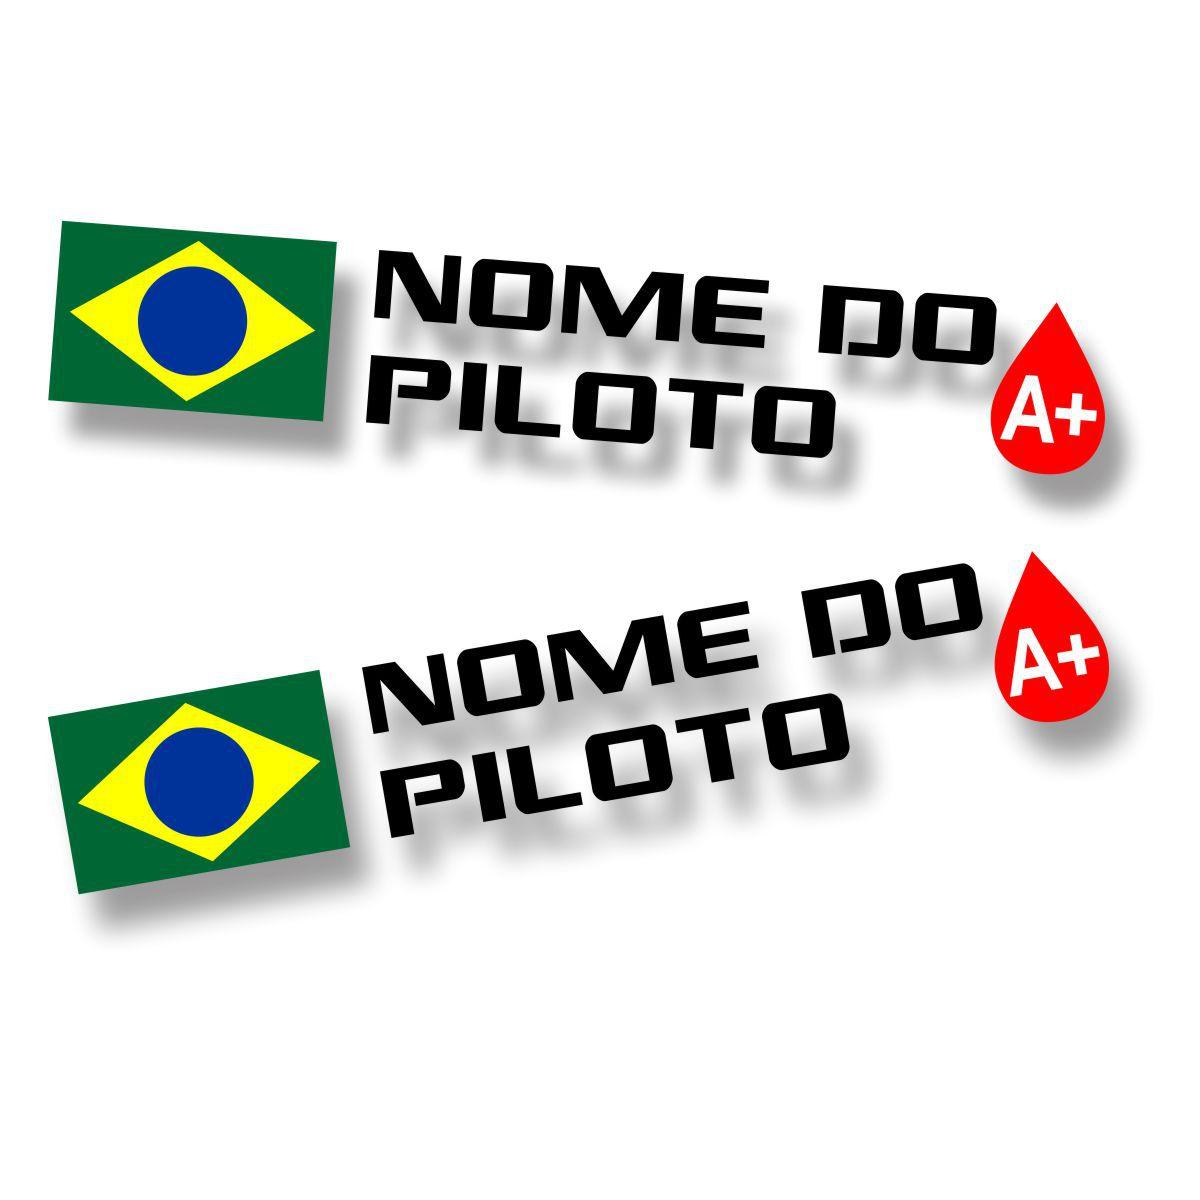 Adesivo de Identificação de Piloto com tipo sanguíneo e nacionalidade